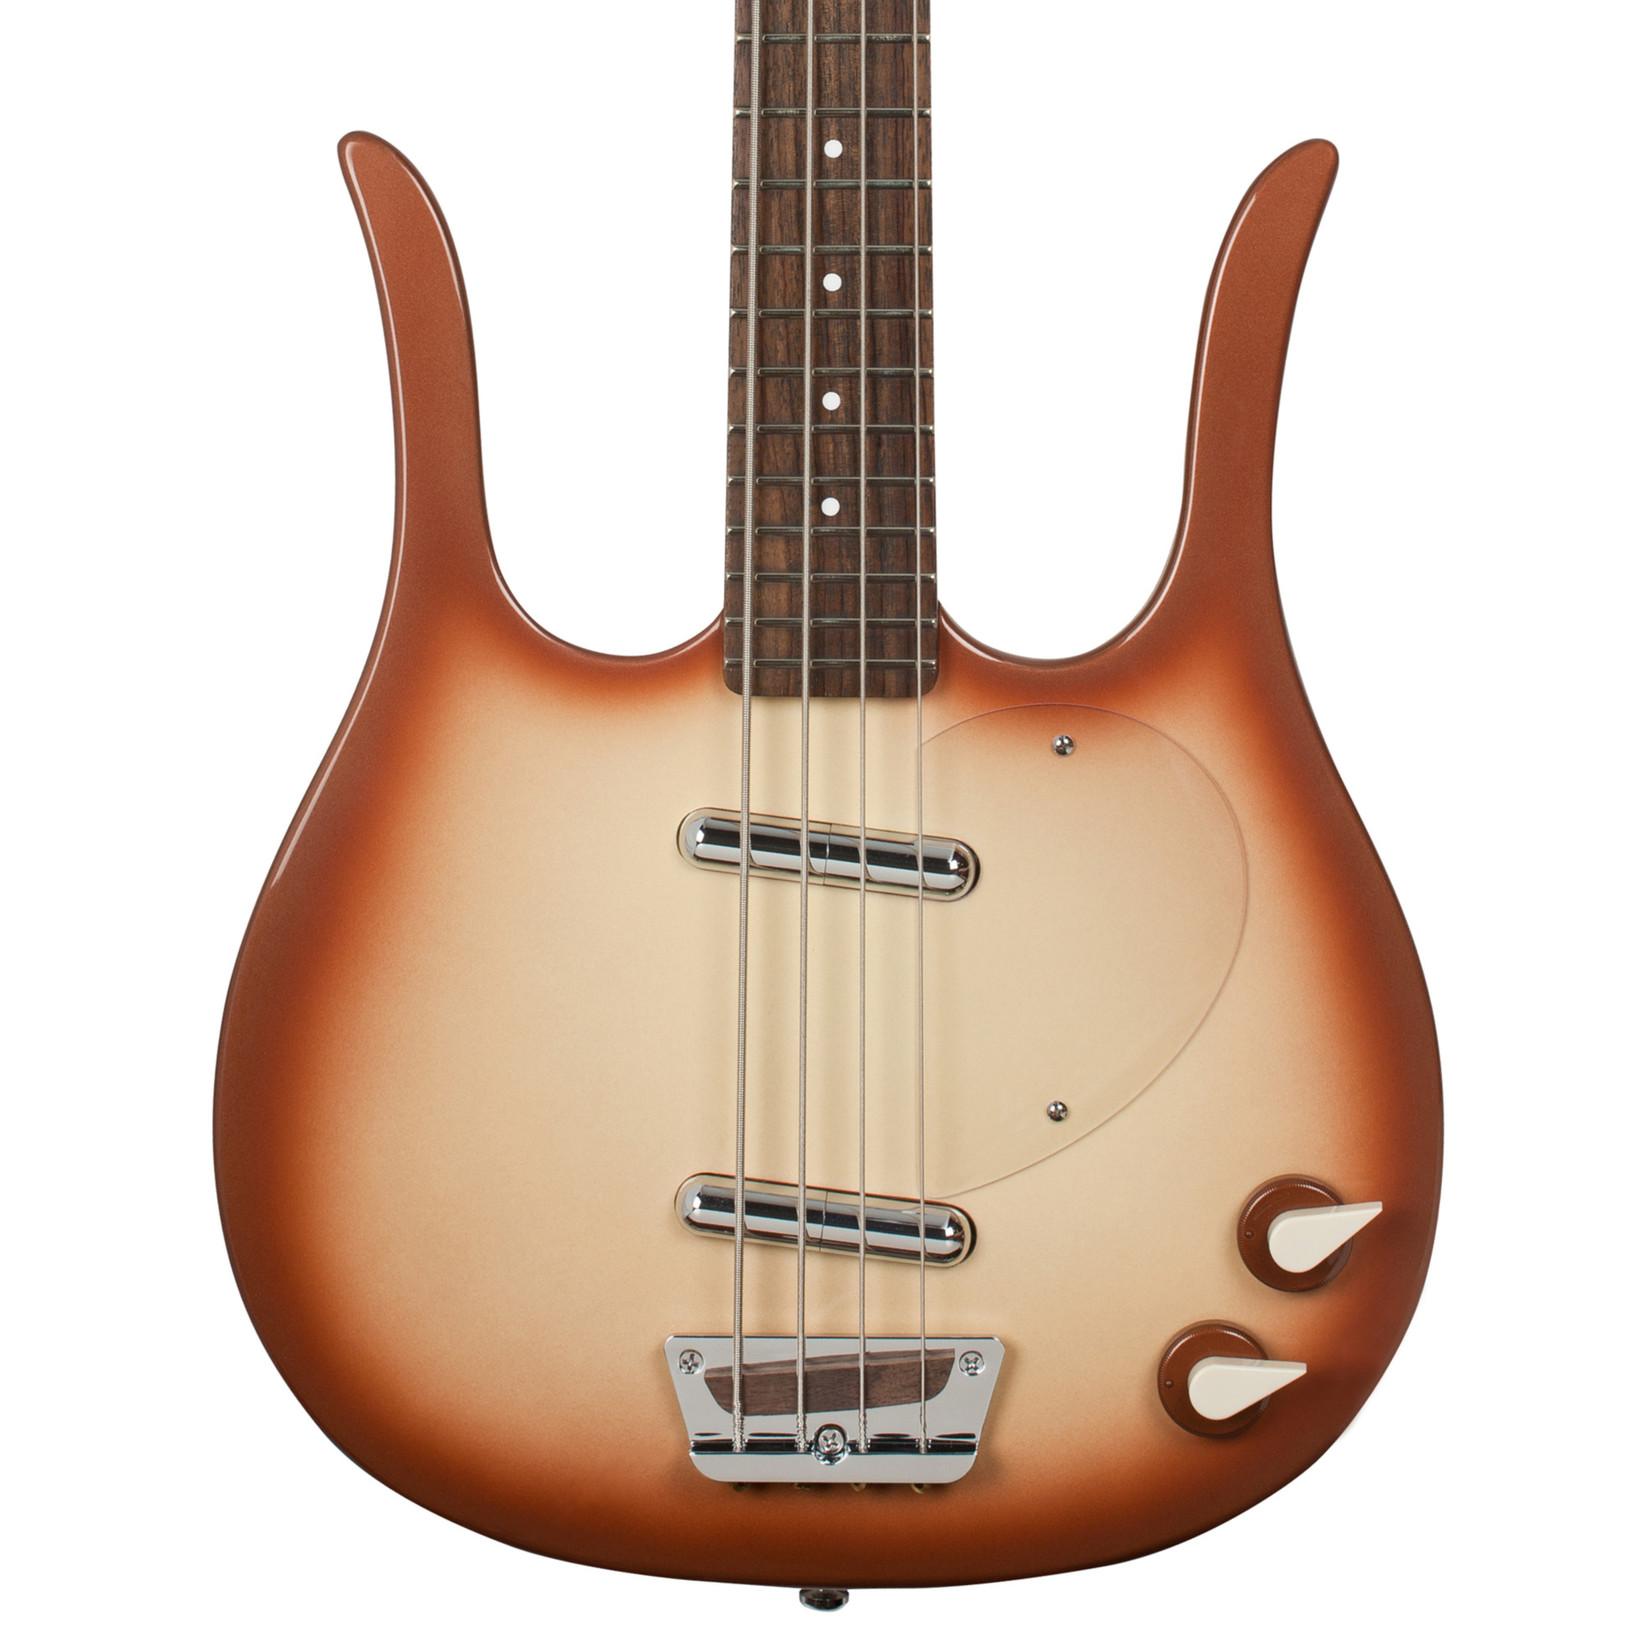 Danelectro Danelectro Longhorn Bass, Copperburst, with Free Gigbag!